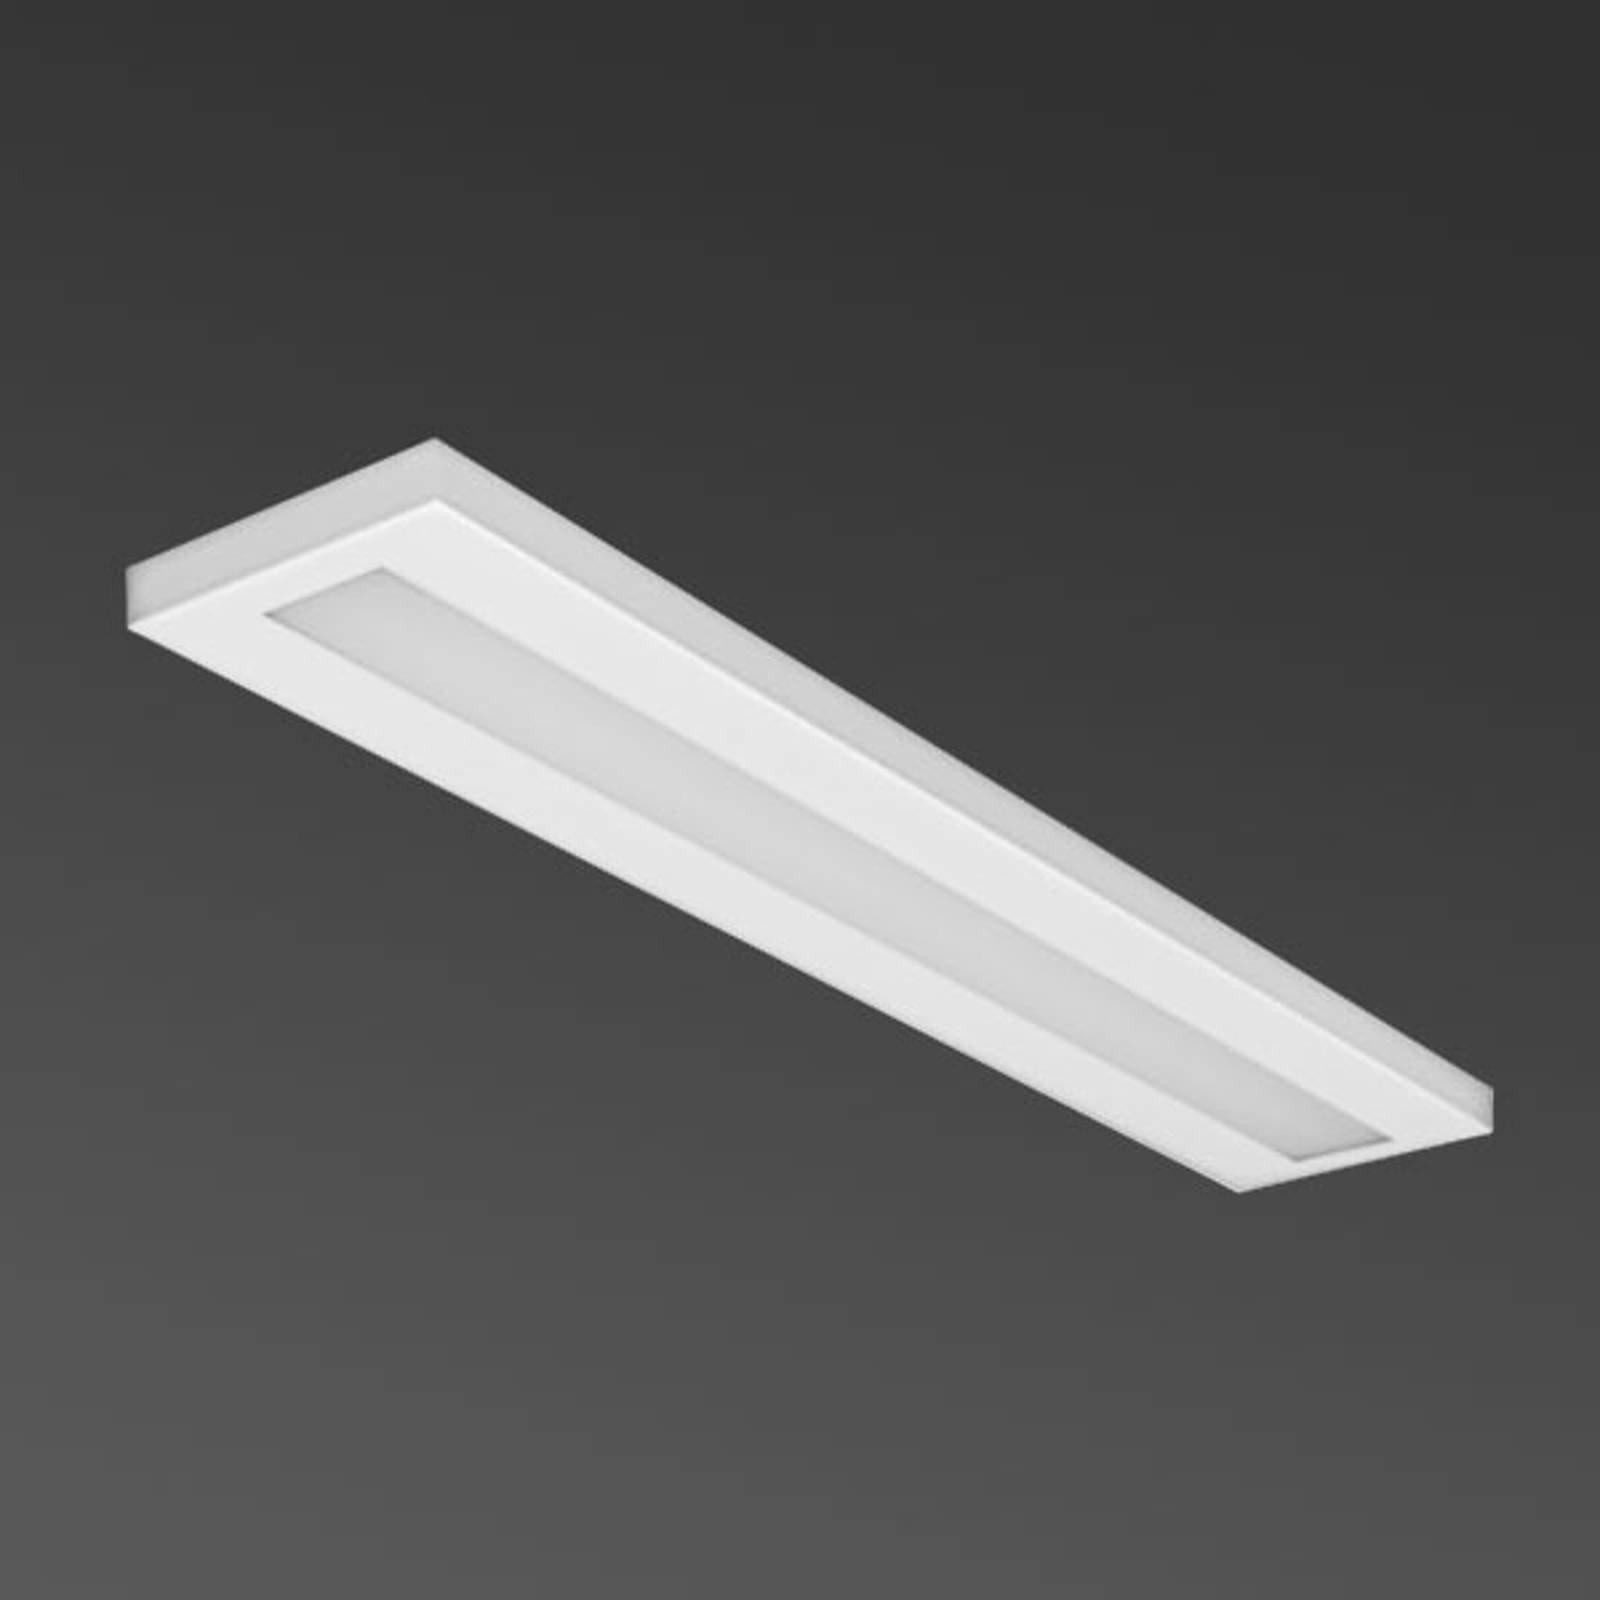 Utenpåliggende LED-lampe, firkantet 48 W, 4 000 K